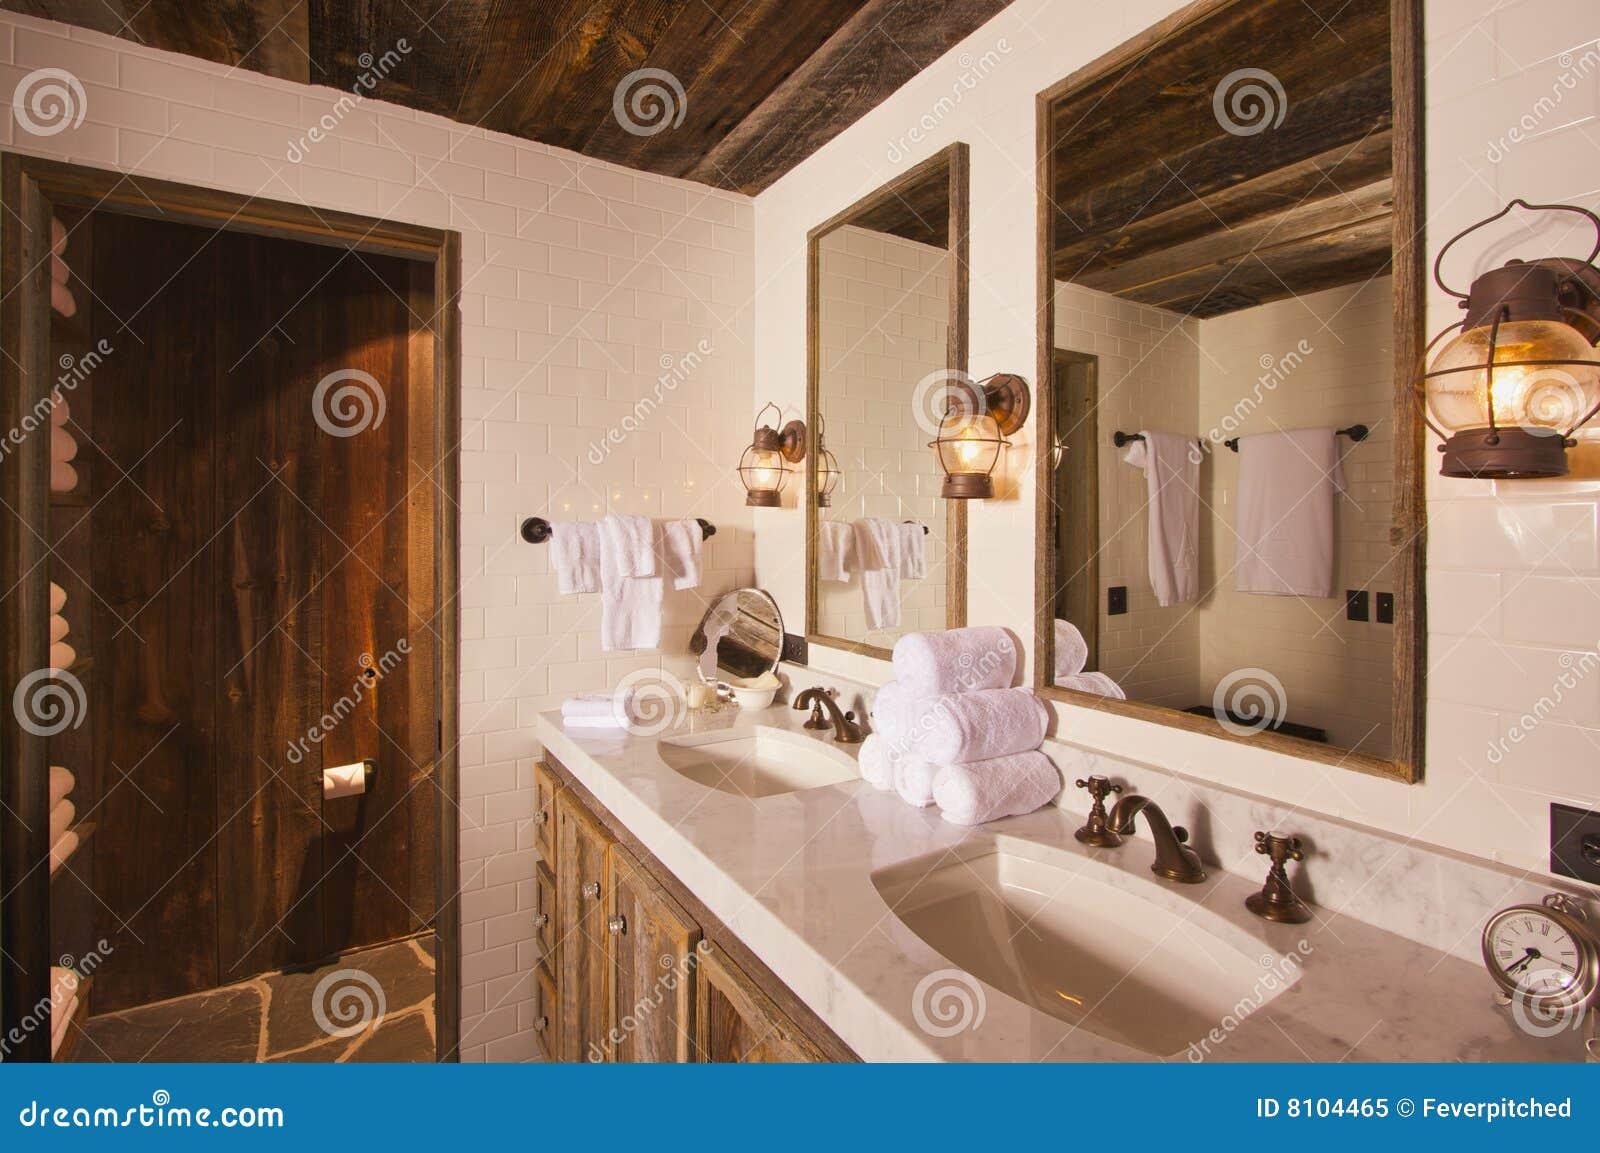 Cuarto de baño rústico imagen de archivo. Imagen de resto - 8104465